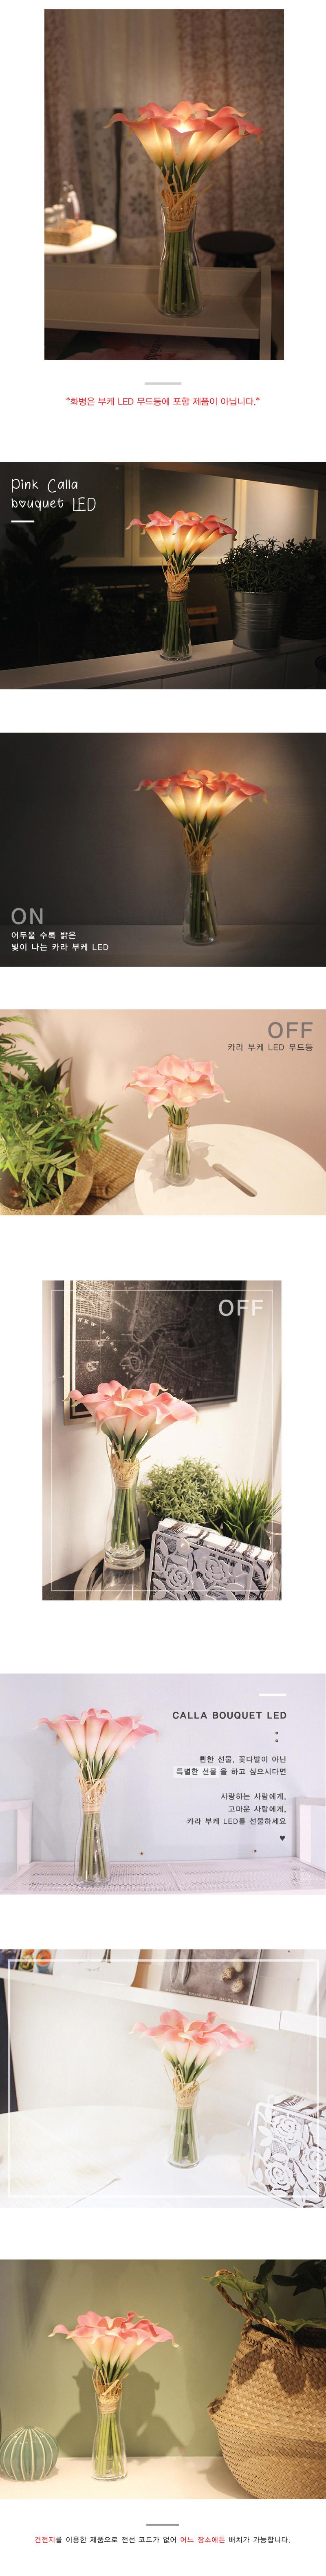 (꽃카드무료증정) 뉴 핑크 카라 부케 무드등 + 화병 - 비아케이스튜디오, 35,900원, 리빙조명, 테이블조명